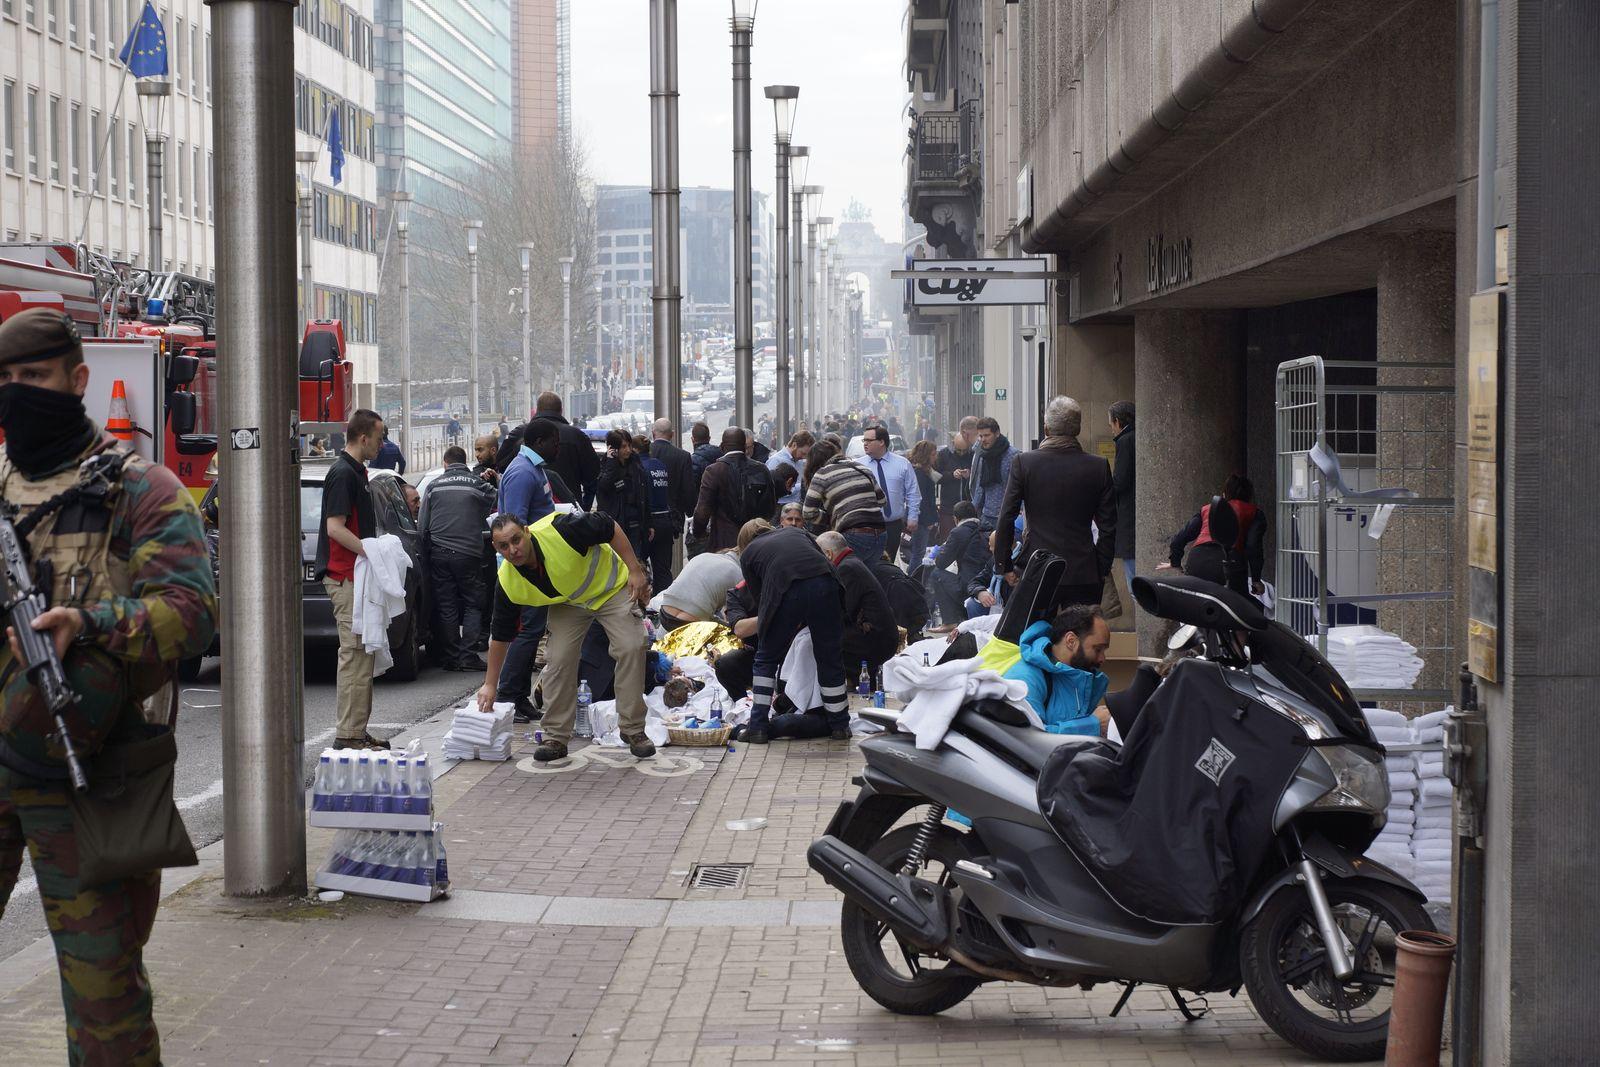 Brüssel / Explosionen / Maelbeek